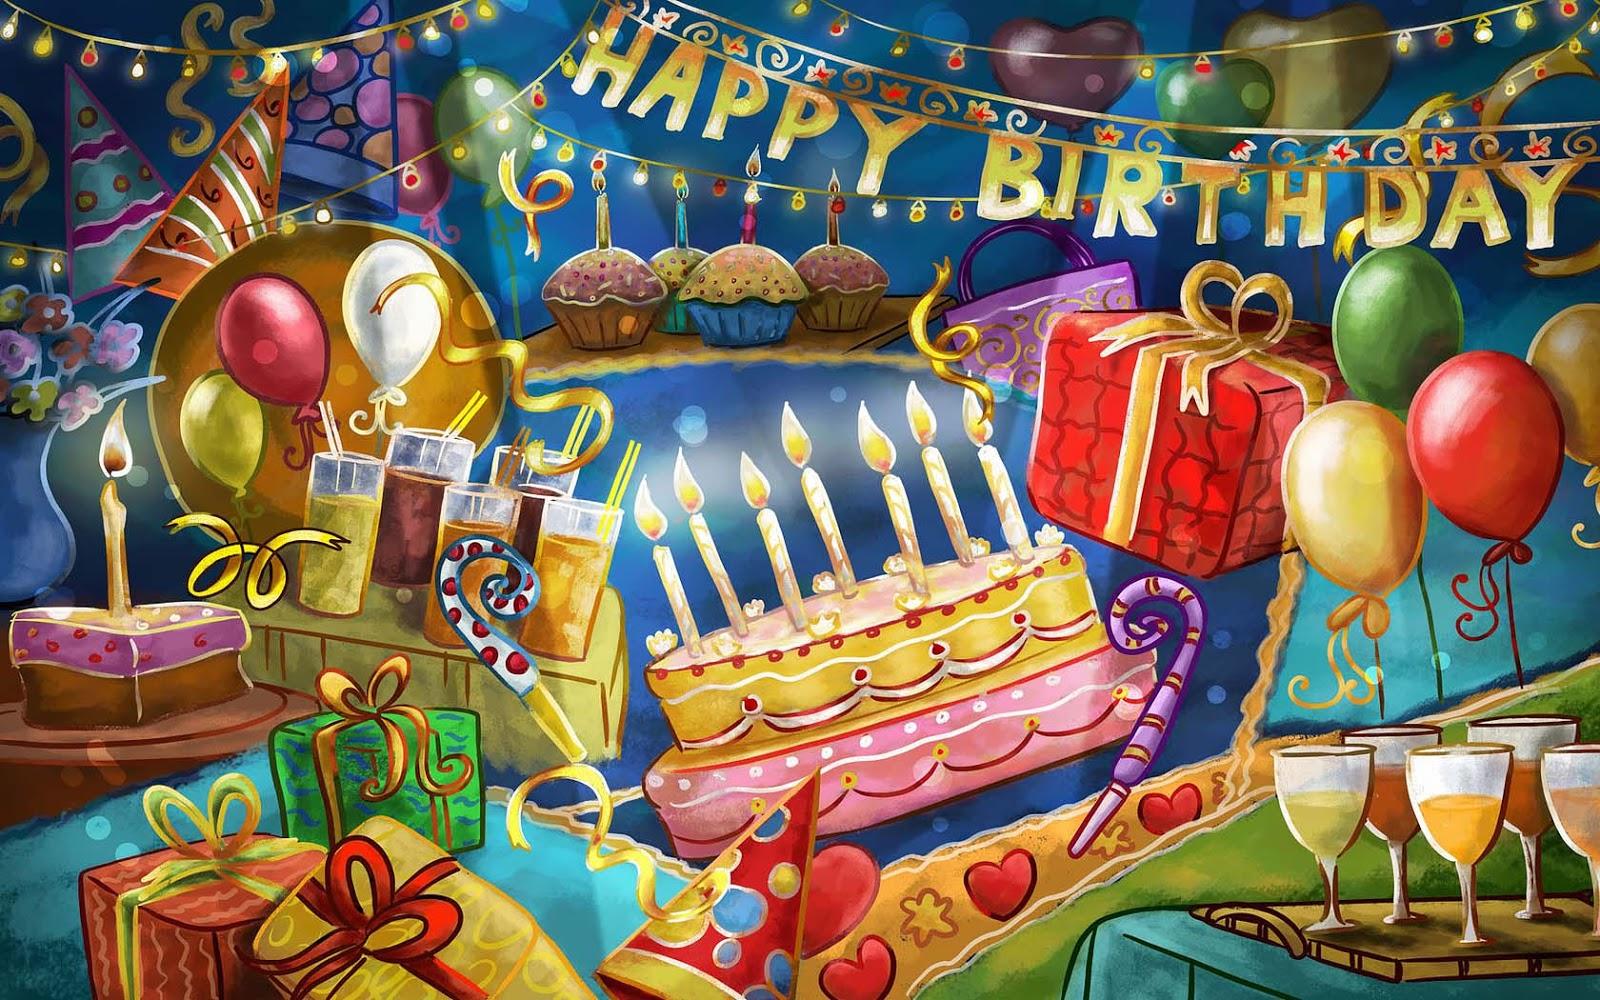 wallpaper gefeliciteerd Van Harte Gefeliciteerd Met Je Verjaardag Wallpaper   ARCHIDEV wallpaper gefeliciteerd